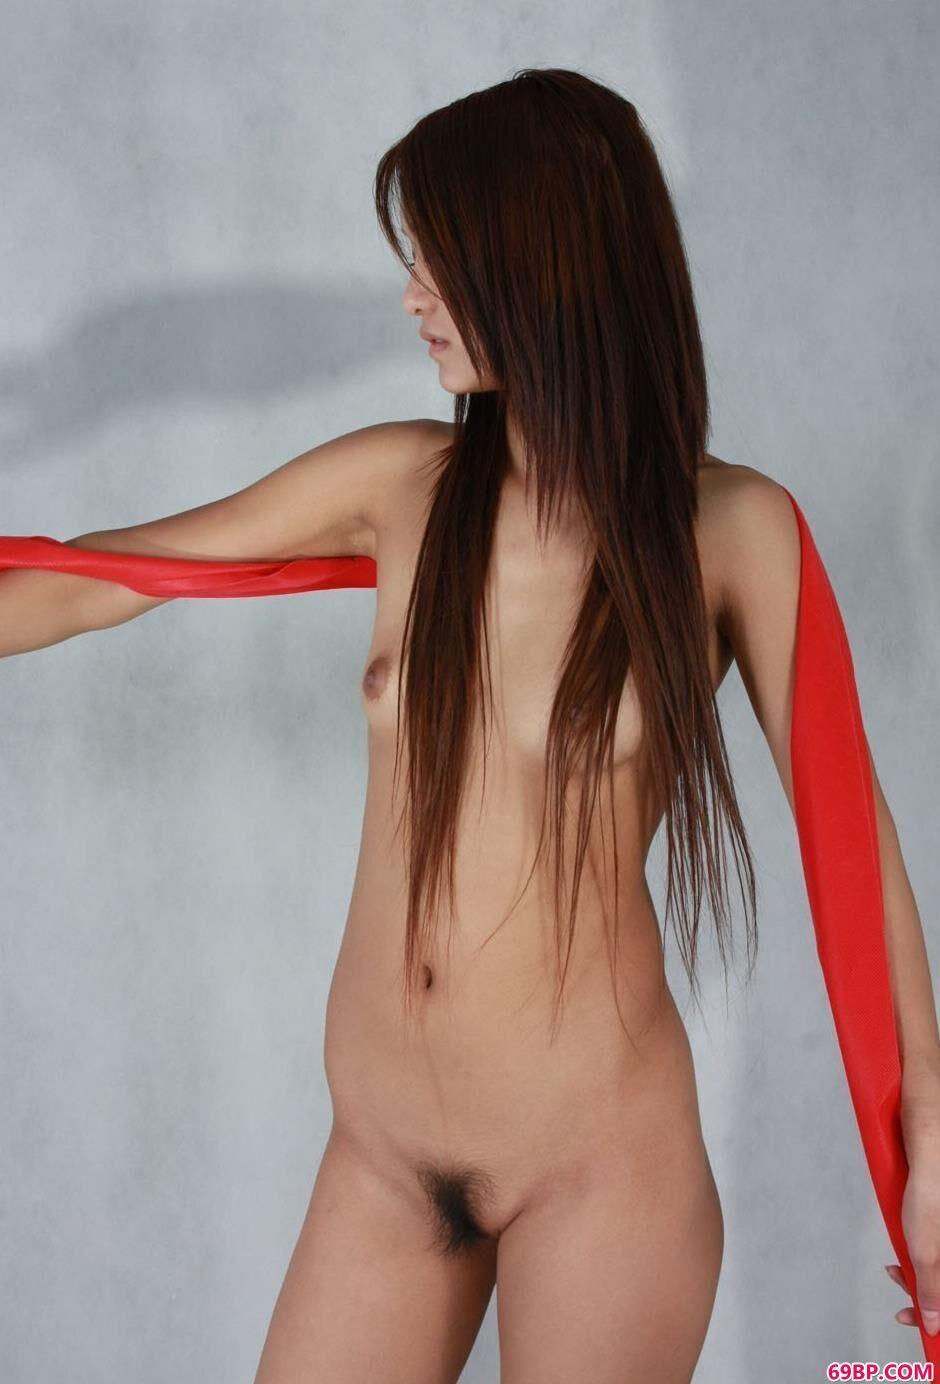 靓女小艳照片棚里的红纱人体_经典欧美式X0X0又黄动态图